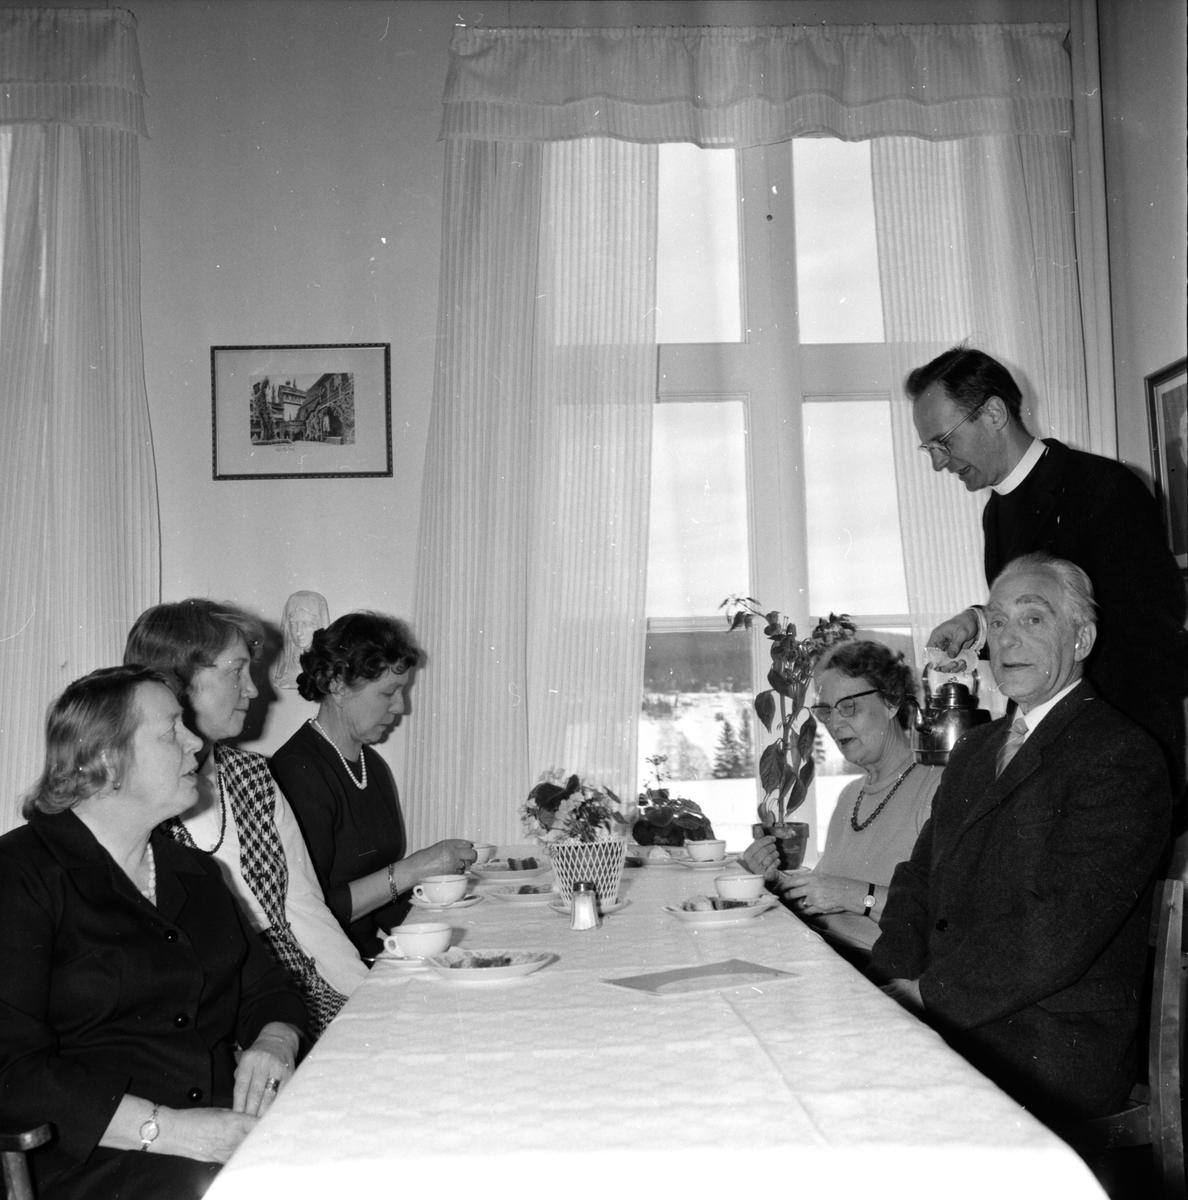 Undersvik, Stiftsgården, Handarbetsdagar, 11 Februari 1965